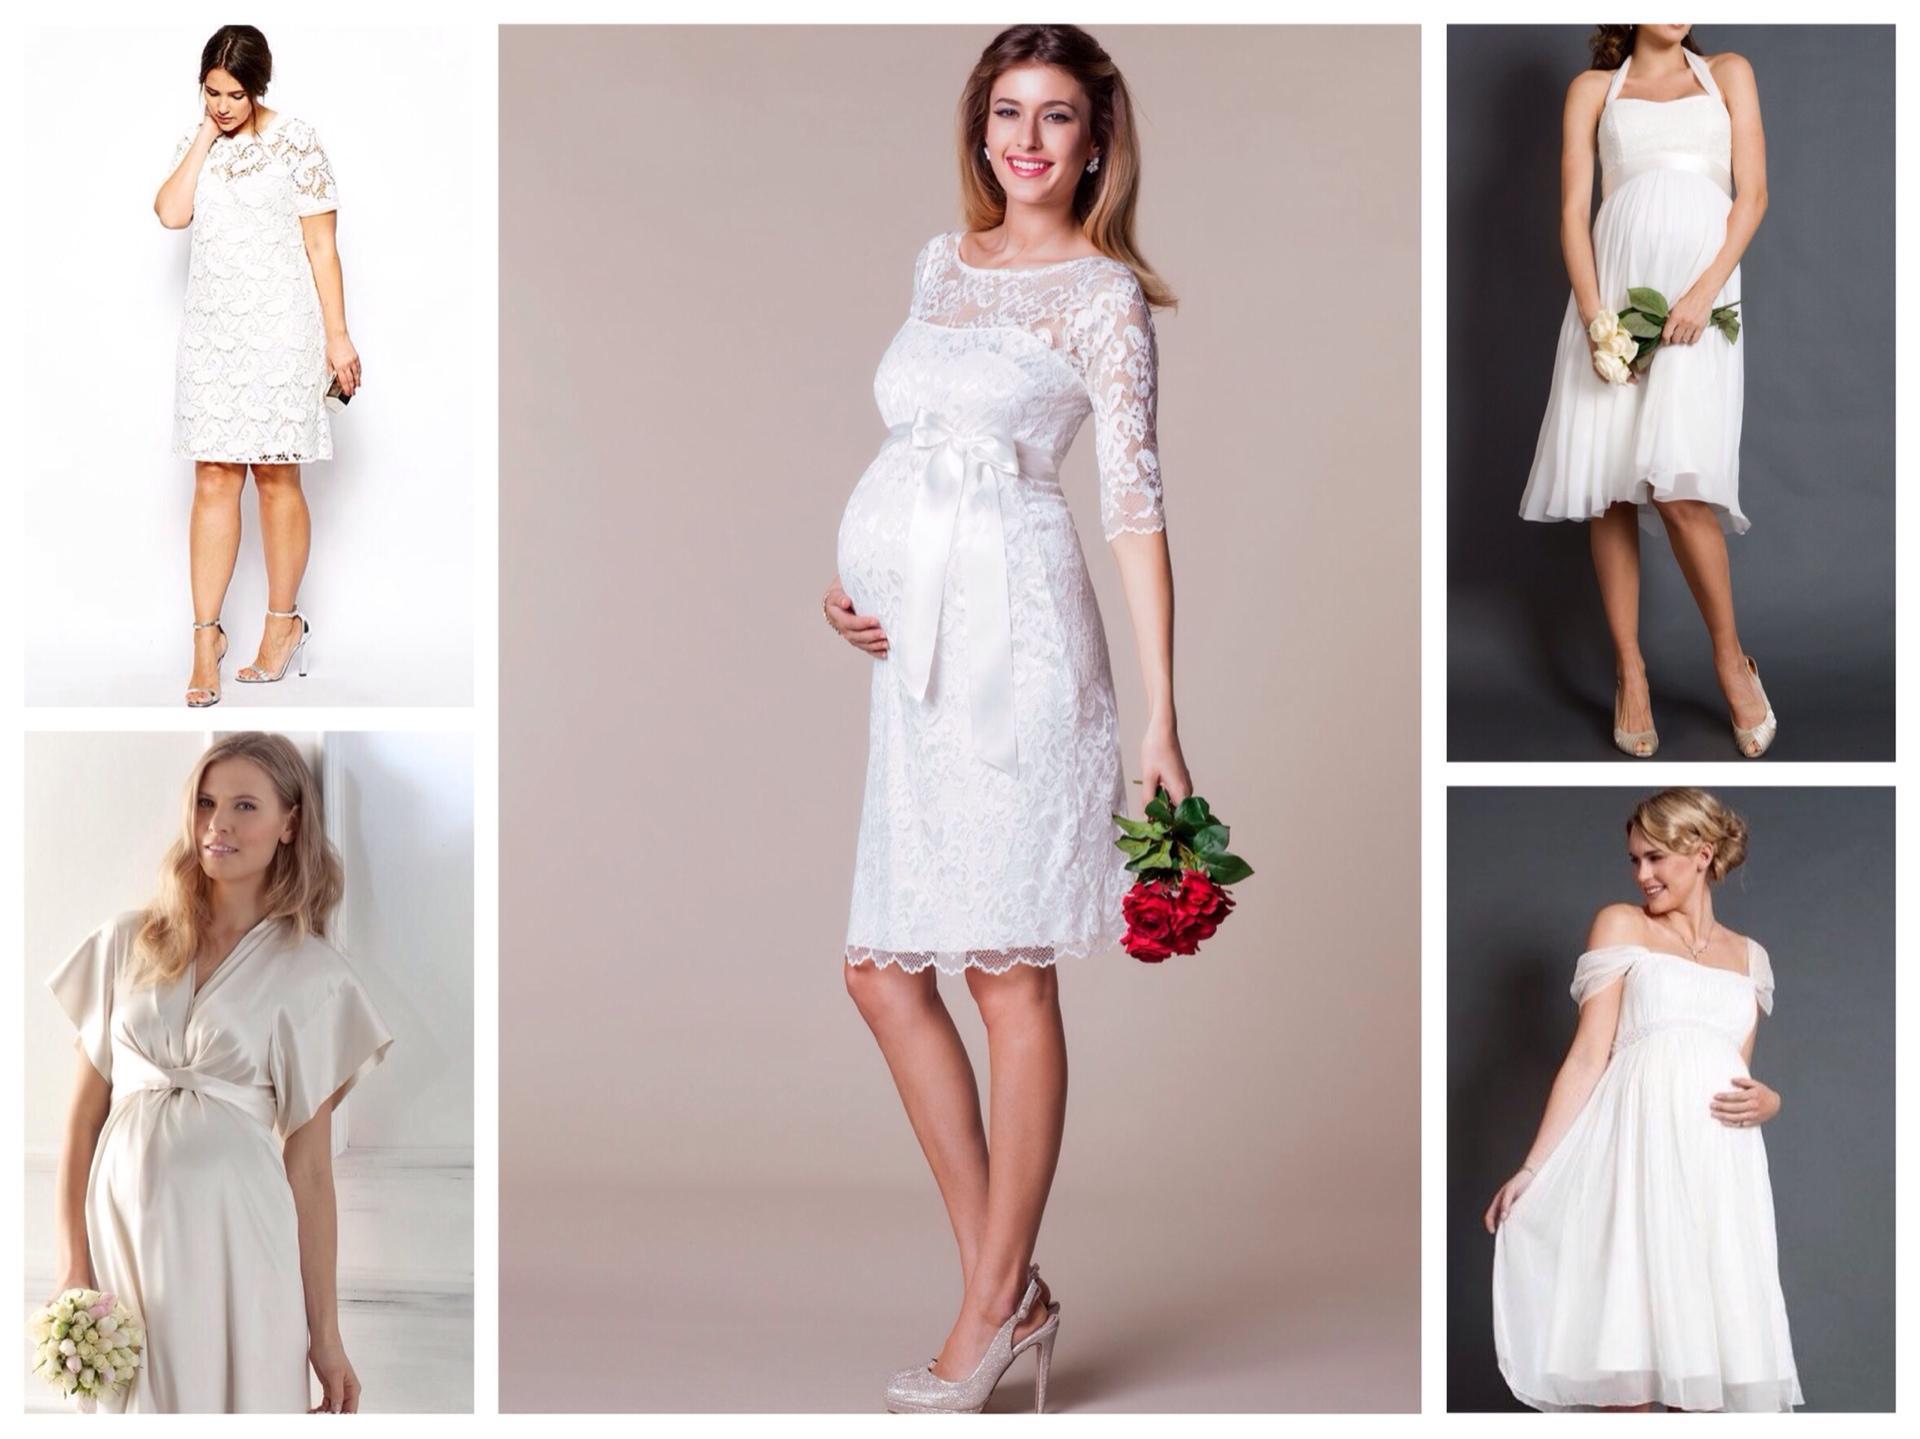 980c0bff7782f2a короткие свадебные платья для беременных